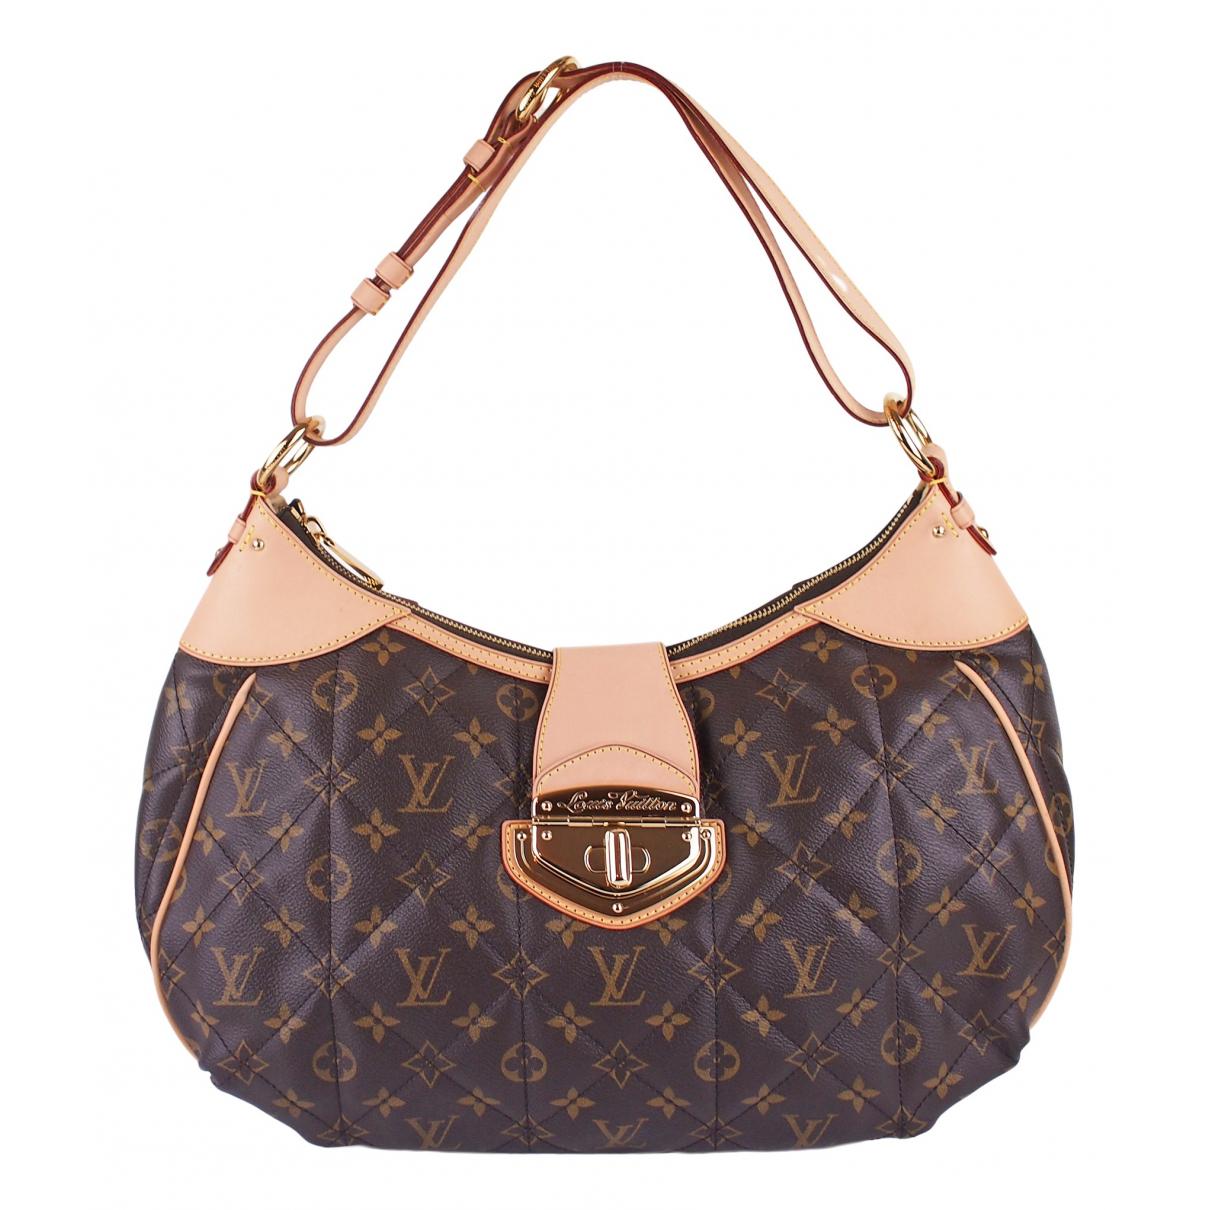 Louis Vuitton Etoile Handtasche in  Braun Leinen